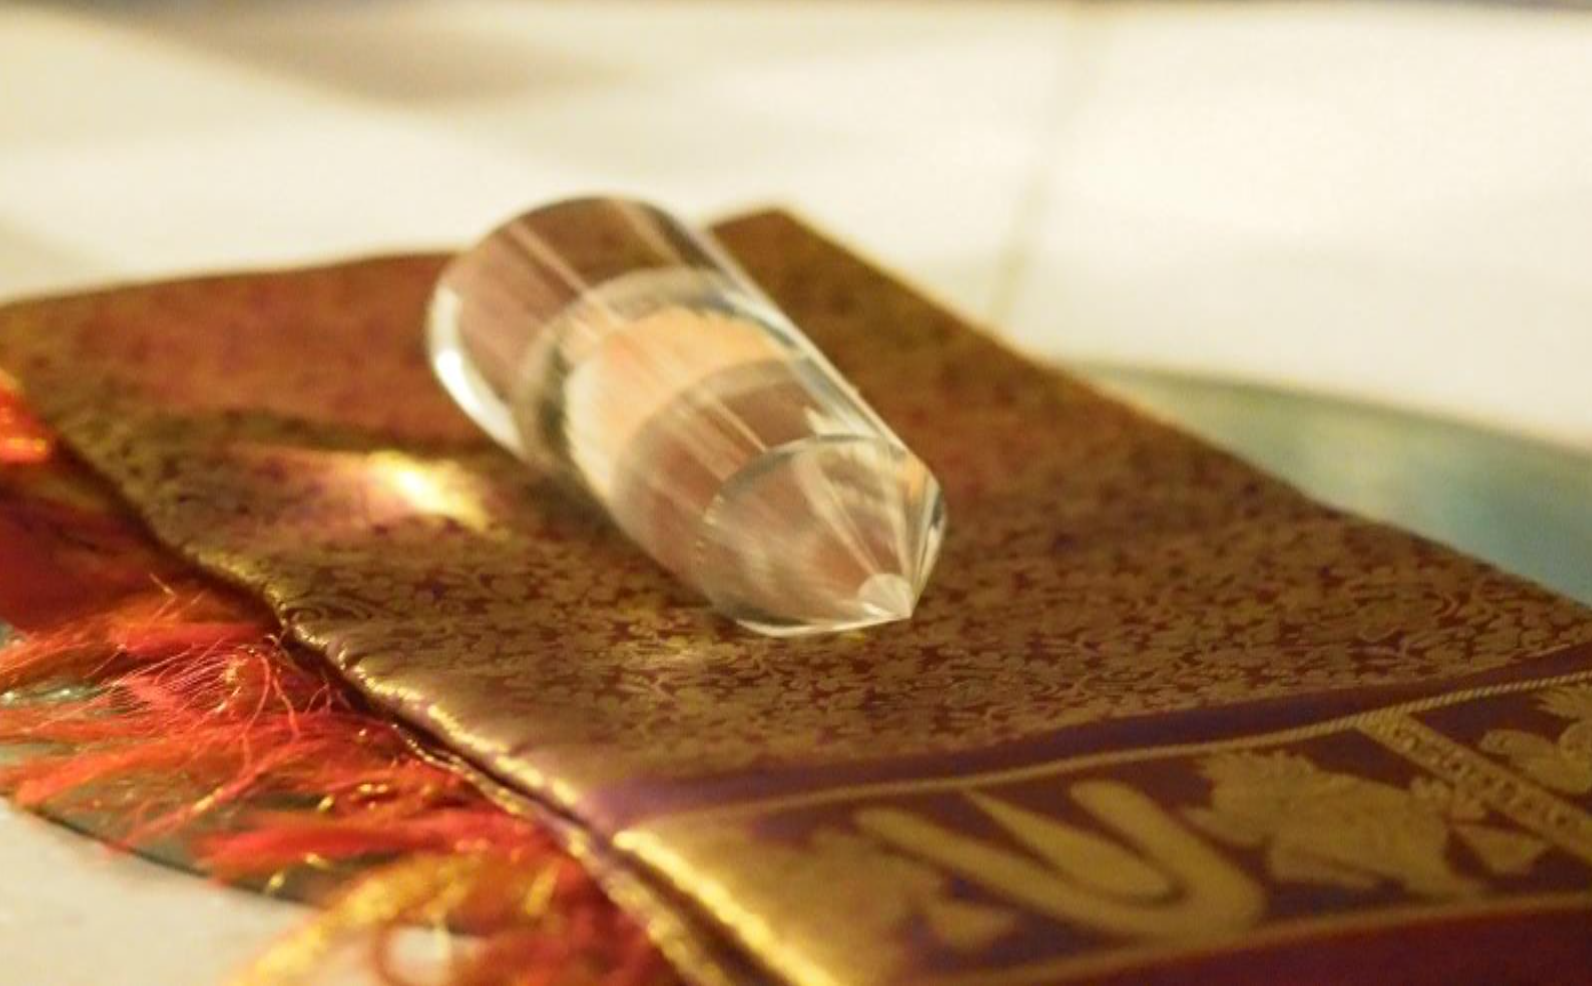 Atelier interactif et Méditation de l'unité avec le Cristal Divin aux 144 facettes Balma Aout